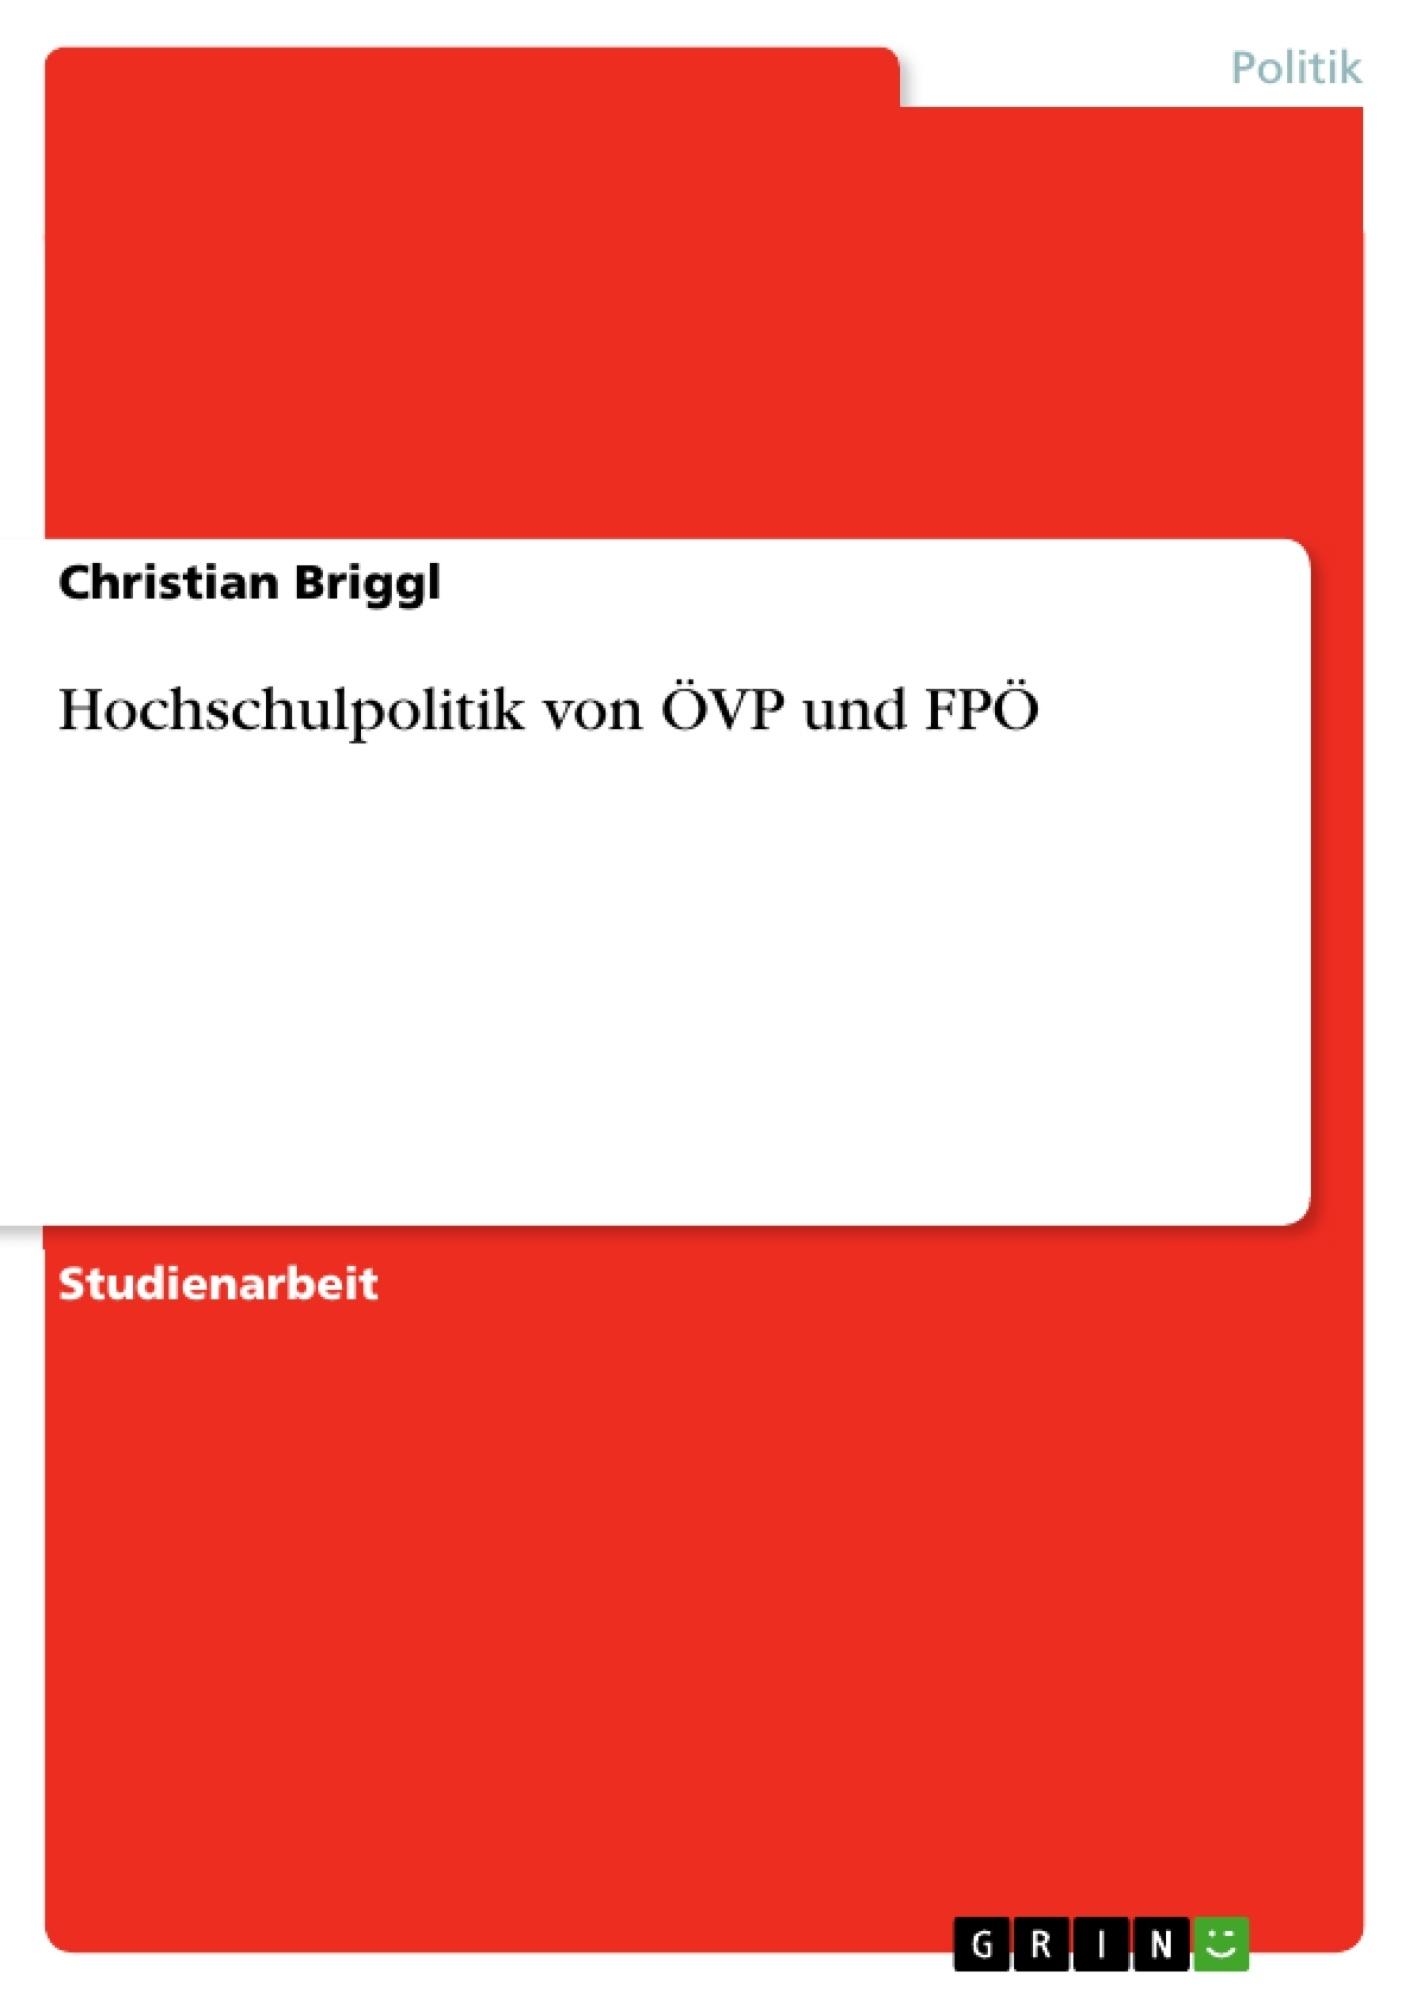 Titel: Hochschulpolitik von ÖVP und FPÖ